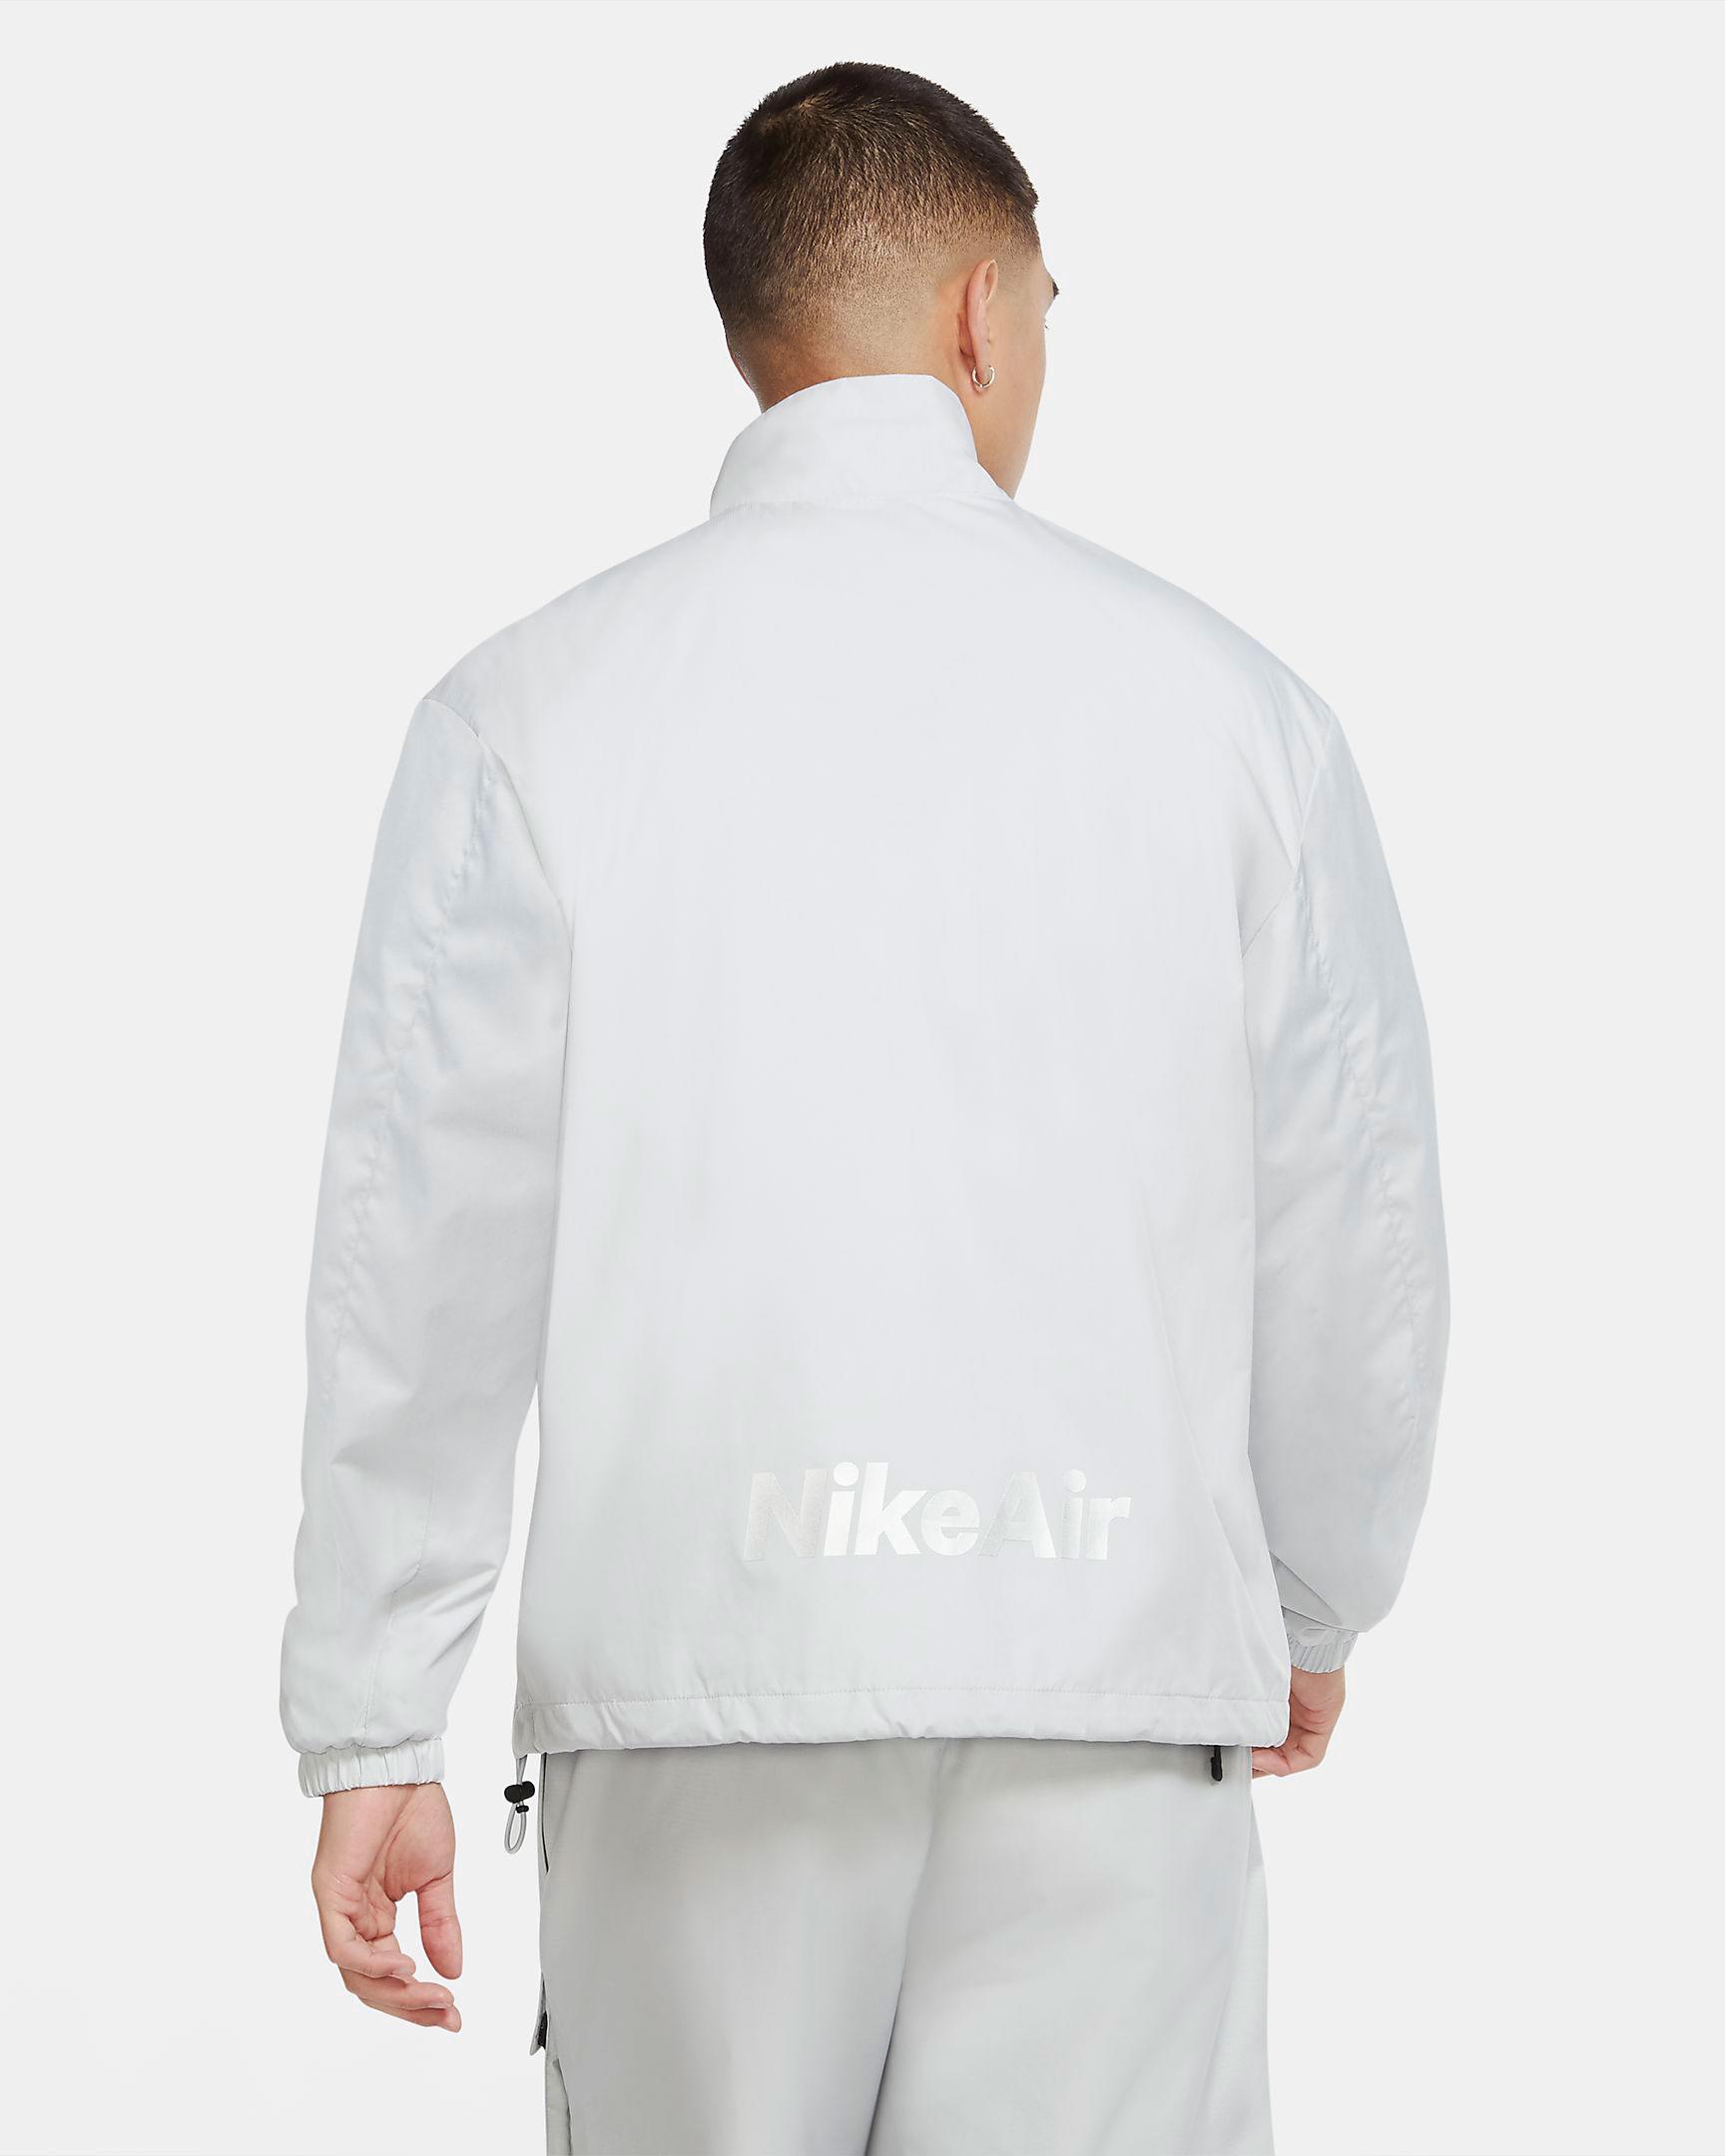 nike-air-jacket-grey-fog-laser-blue-2